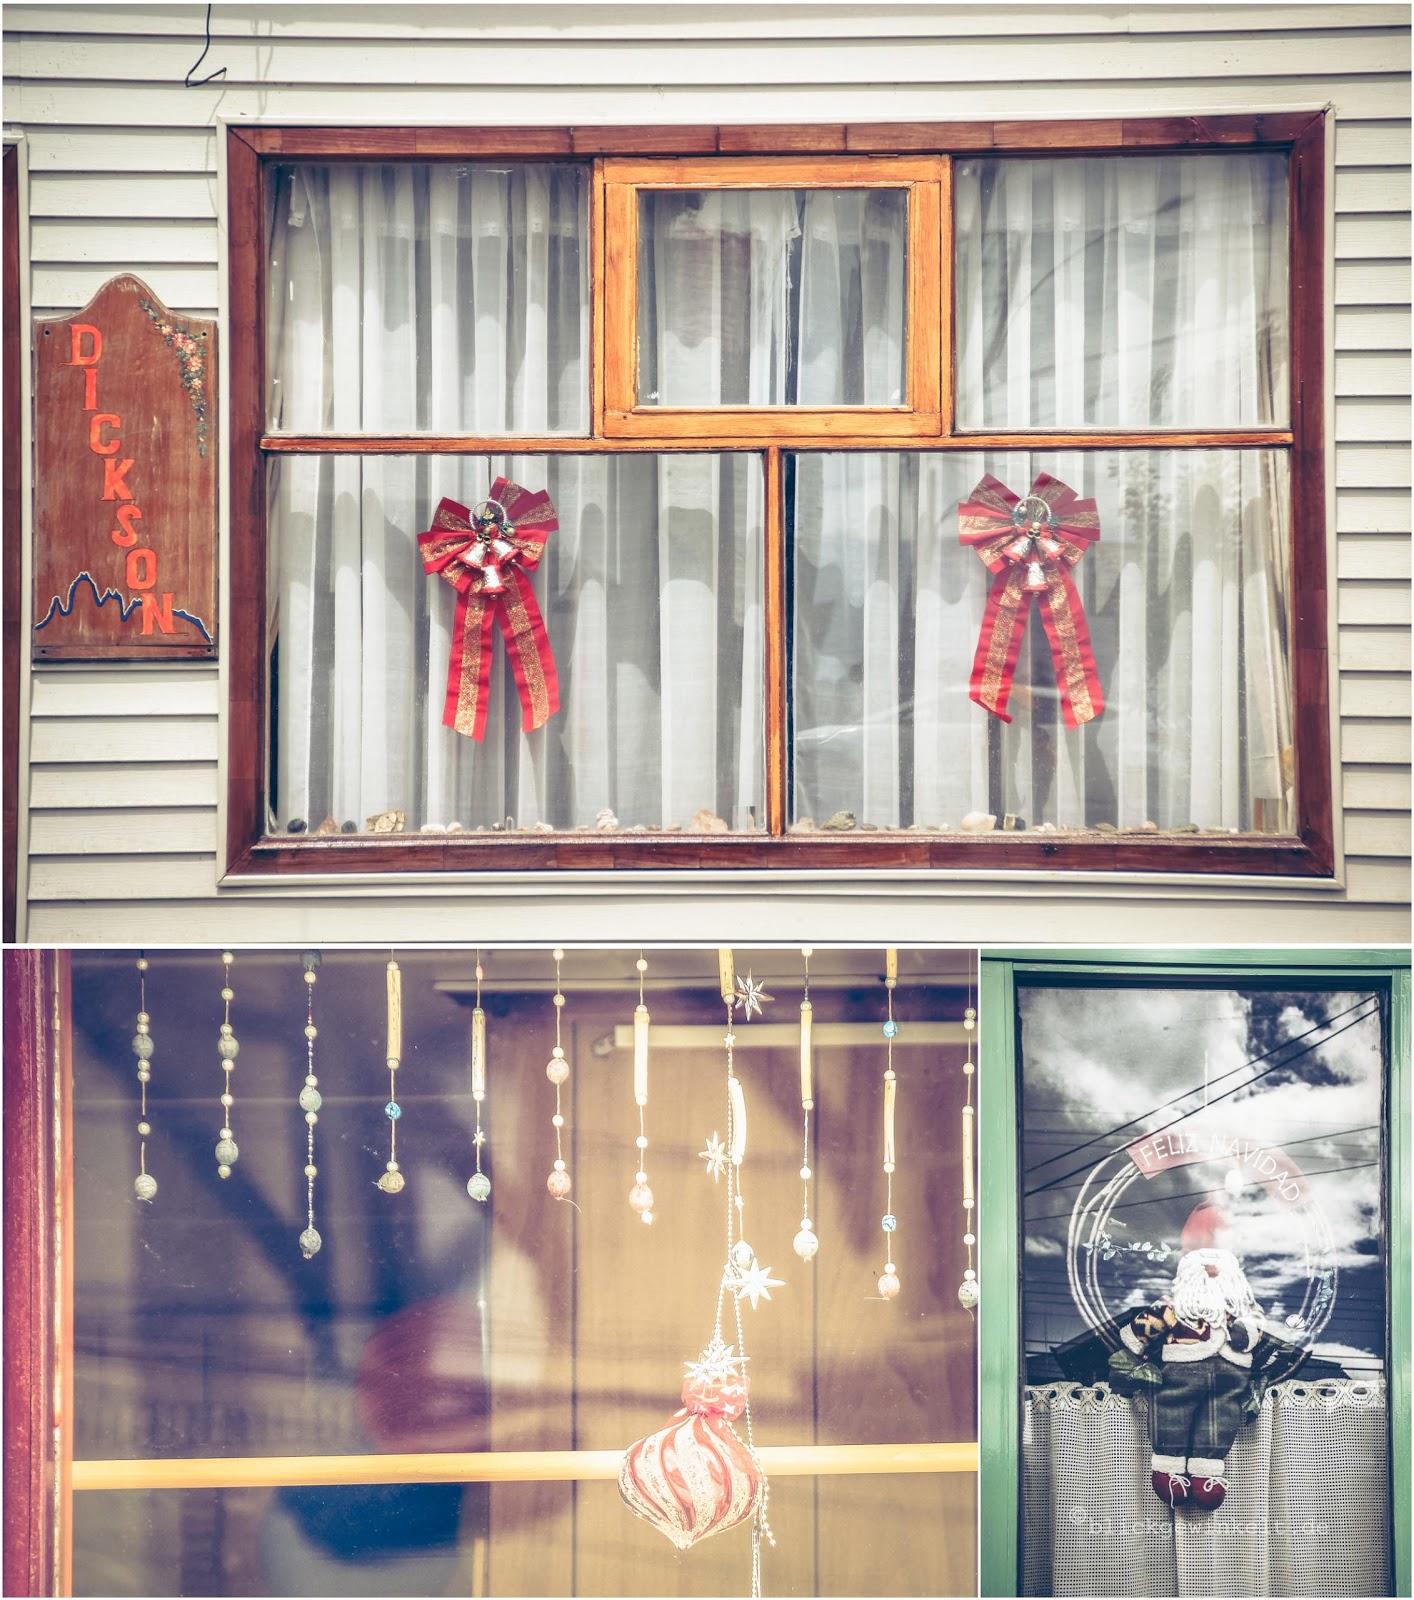 Weihnachtsdekoration in Fenstern